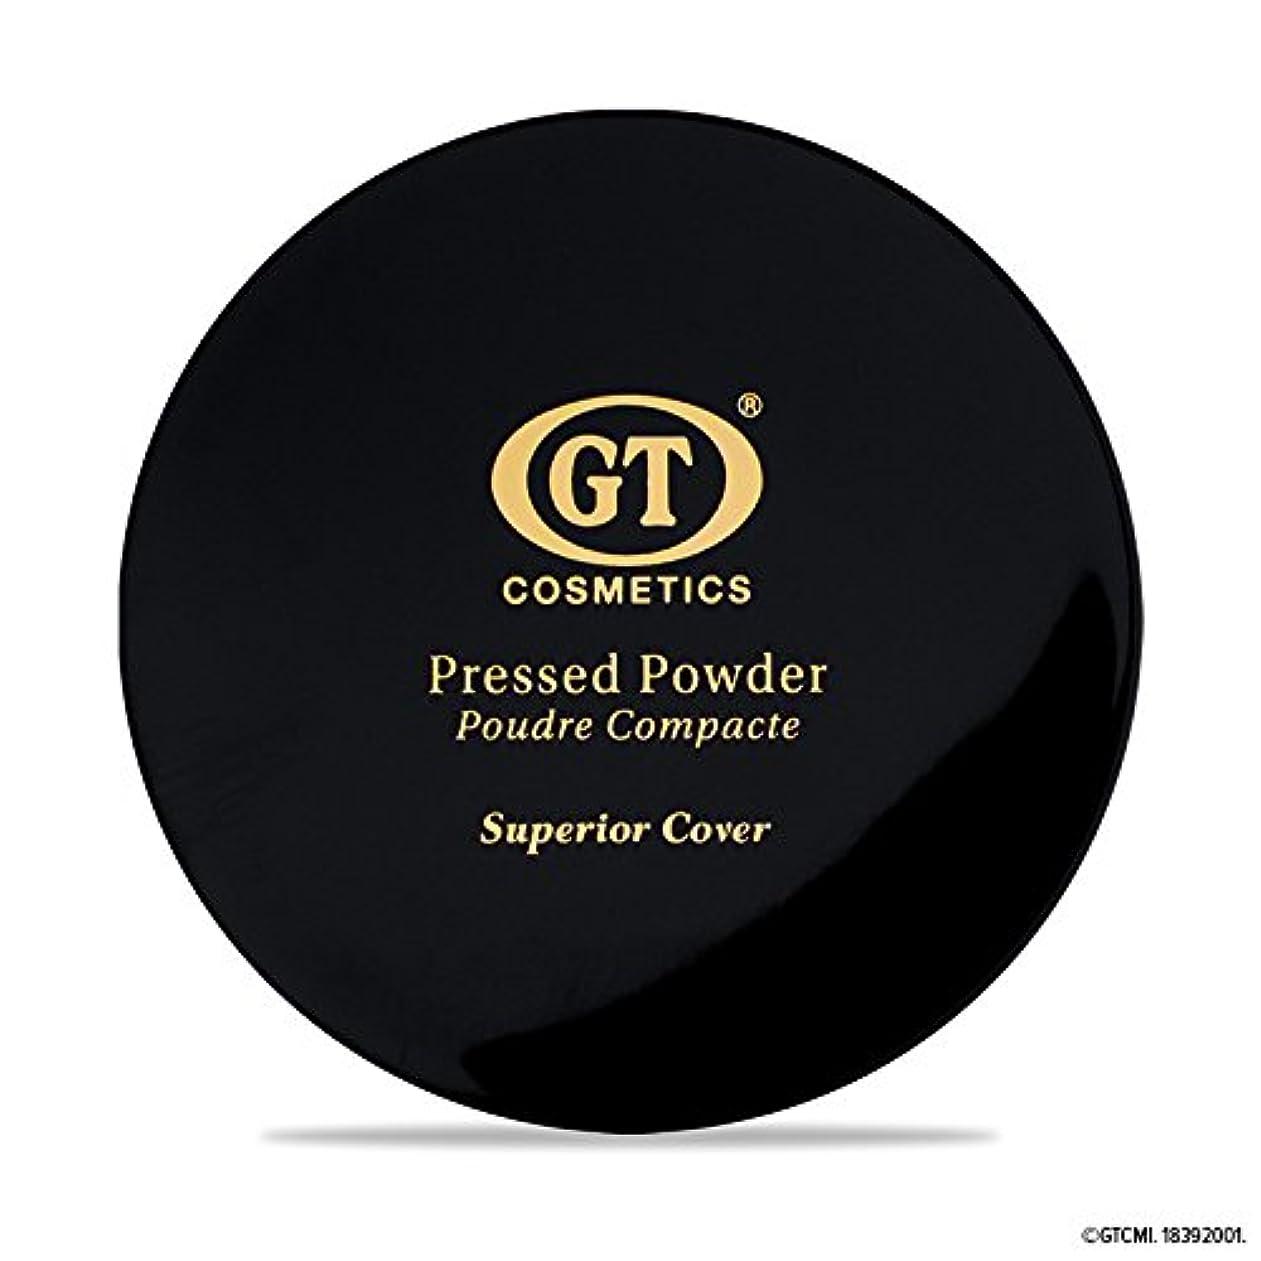 所属ピアース古いGTpressed powder ライトベージュ SPF20 正規輸入代理店 日本初上陸 コスメティック オーガニック ファンデーション